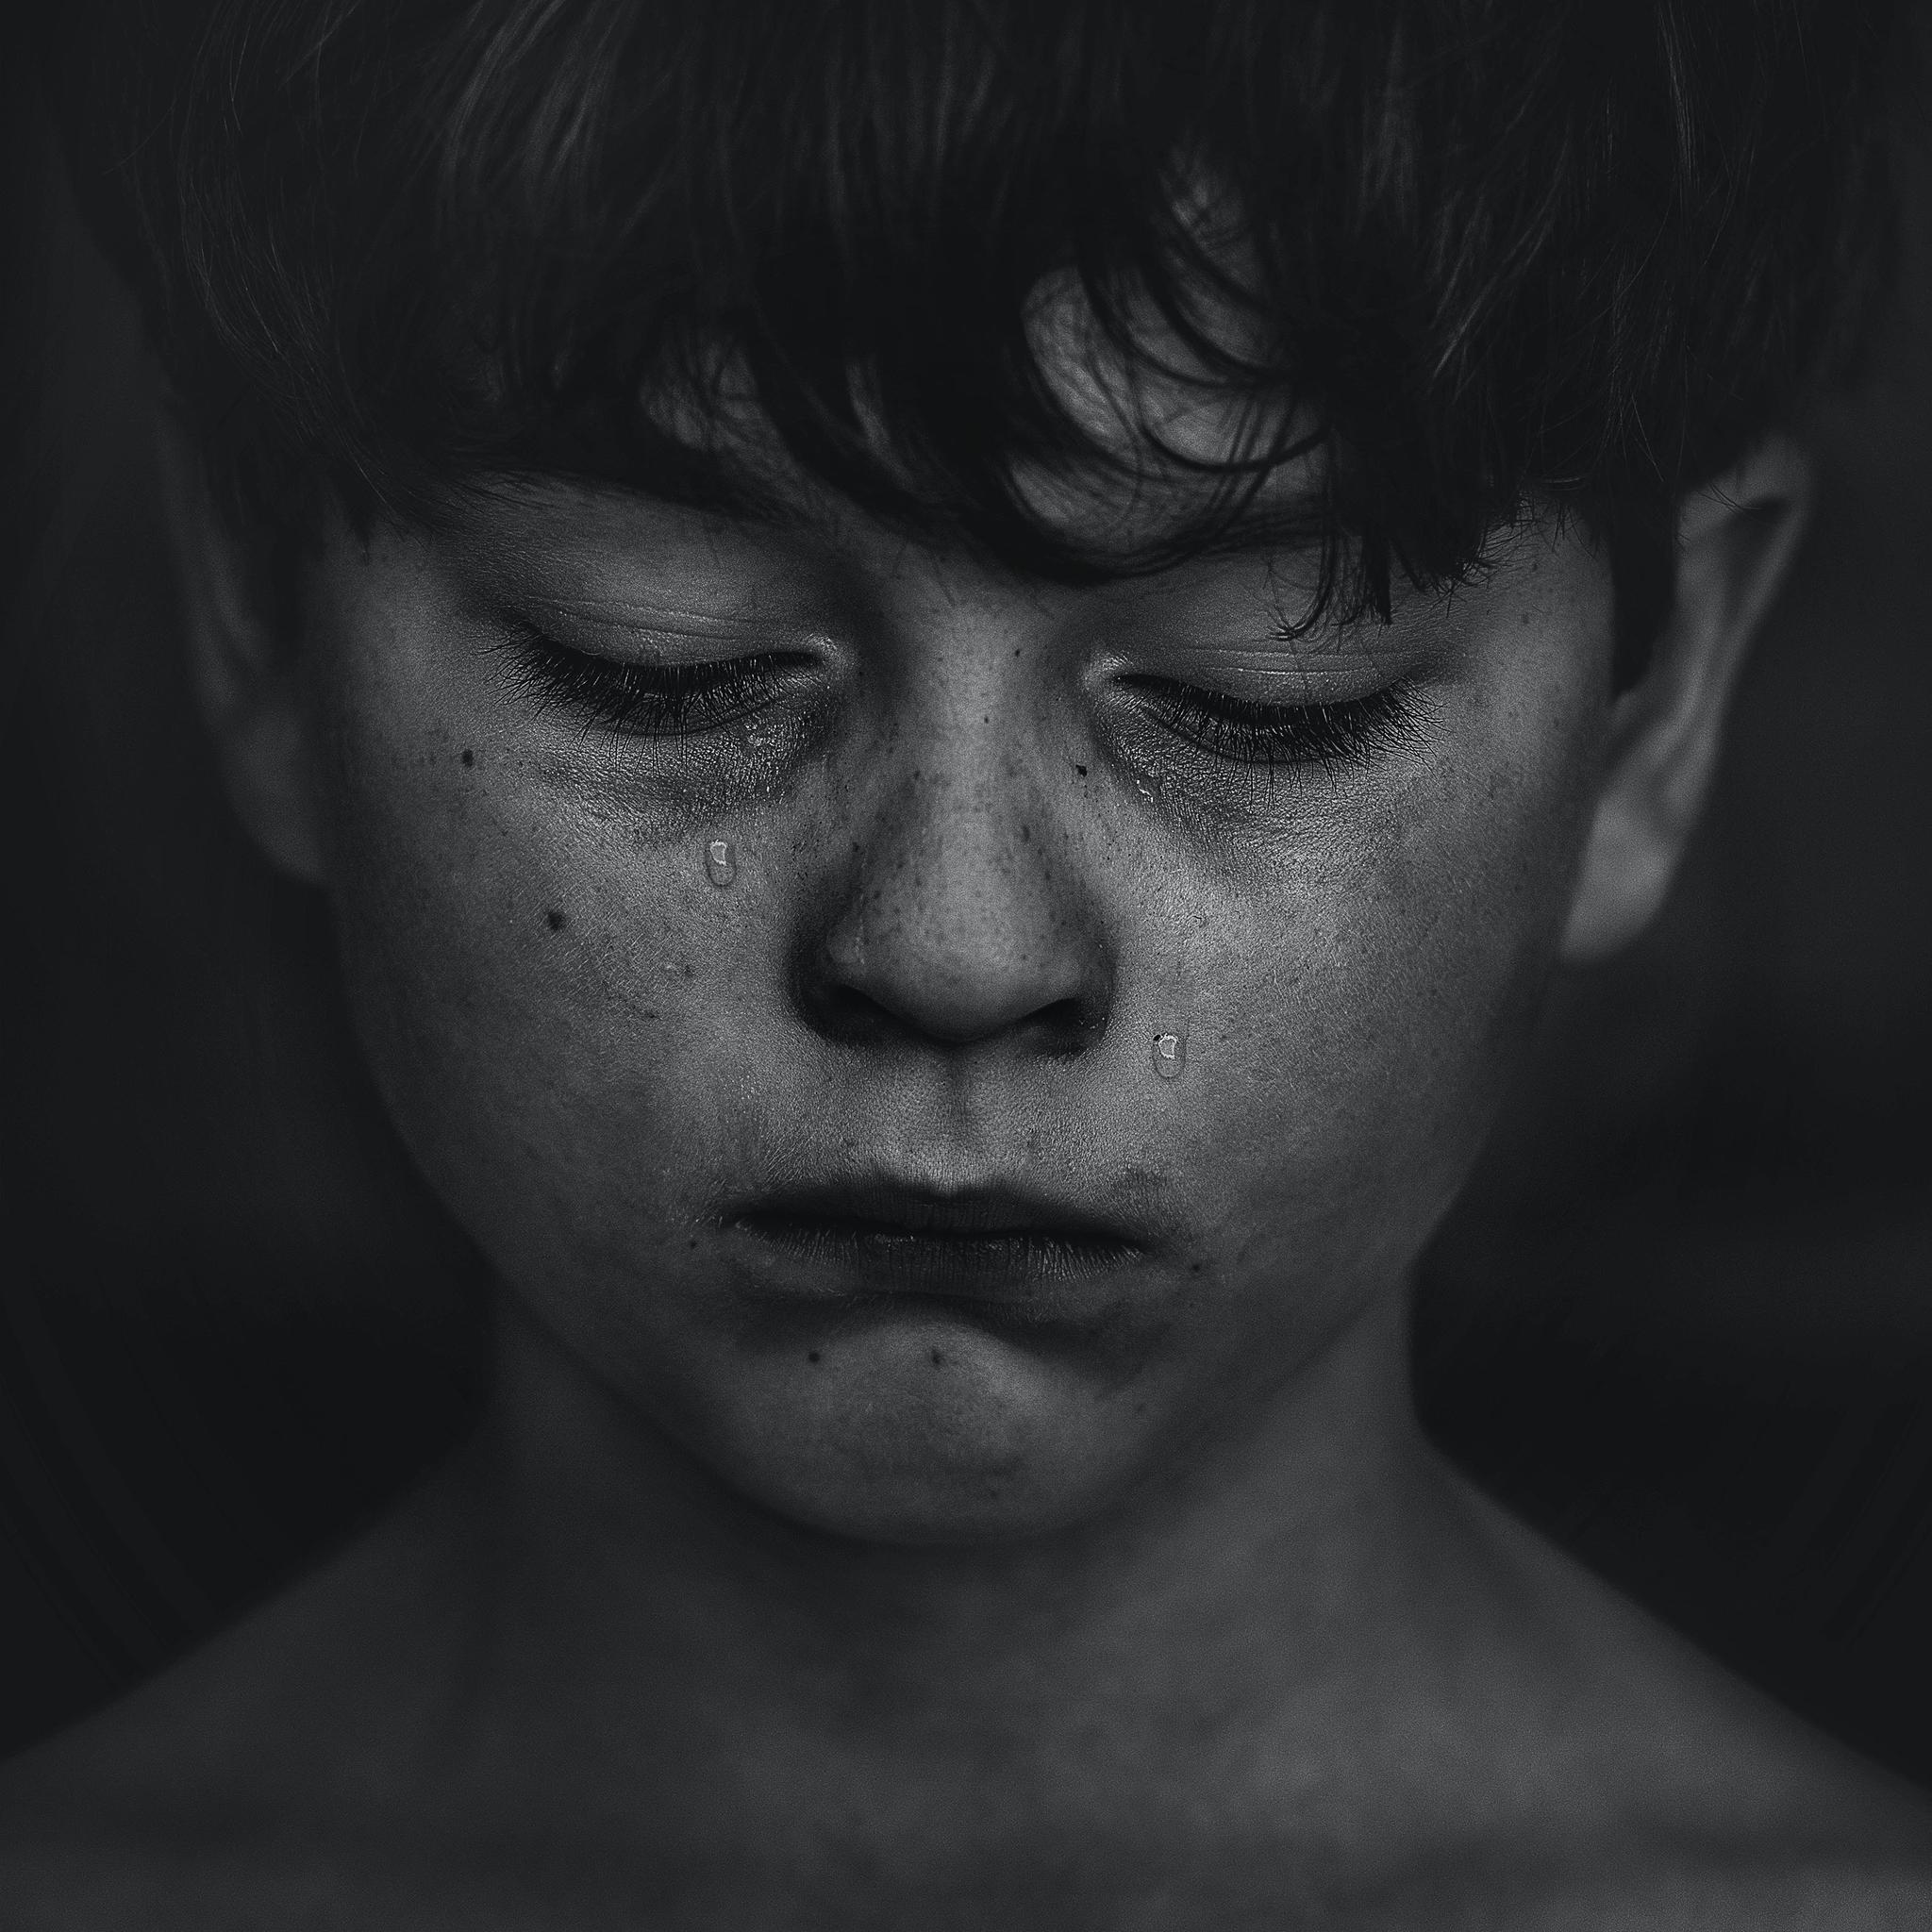 研究发现,大量使用社交媒体加剧了青少年的心理健康问题